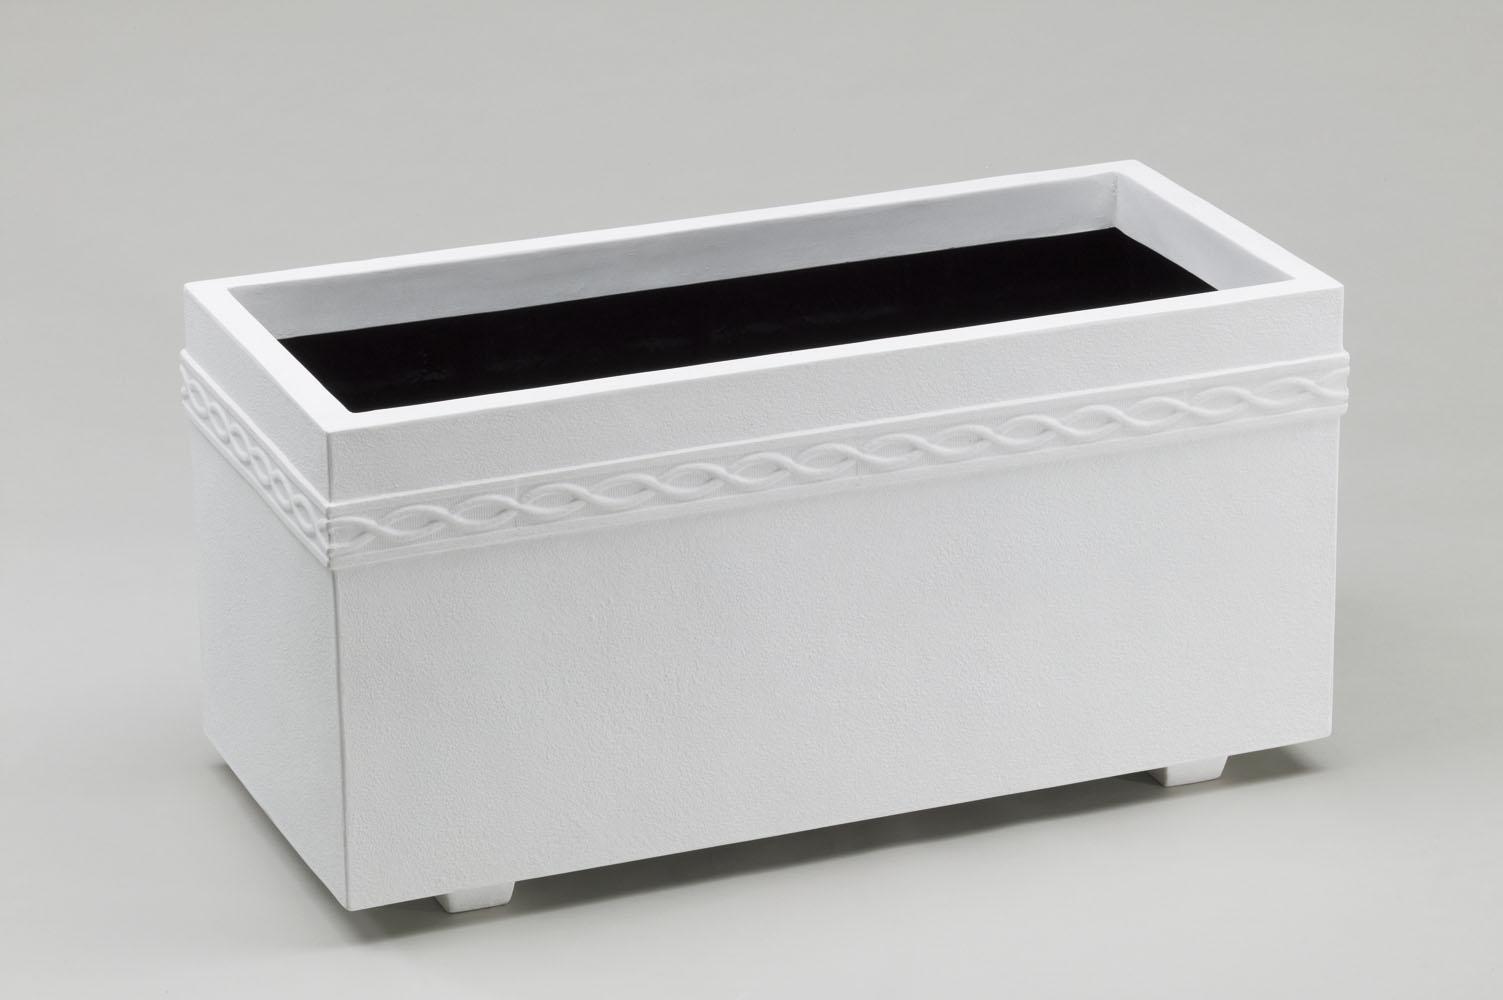 ファイバーグラス プランター [960-0079] ホワイトプランターWPL WPL-100型W 植木鉢 鉢カバー シンプル おしゃれ 大型 花 ガーデニング (サイズ 横100.0×奥行45.0×高さ49.5cm)